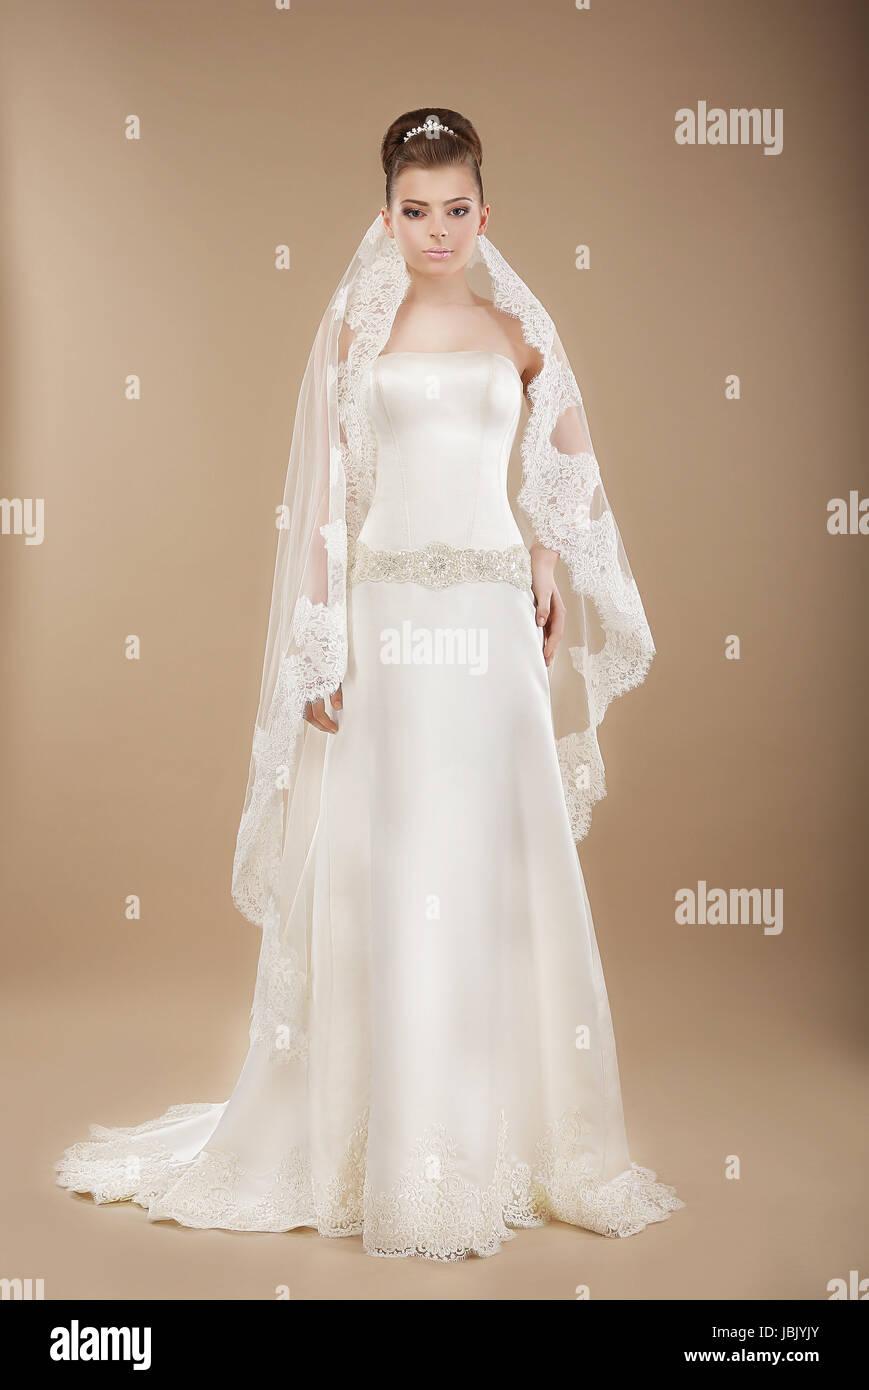 Lacy Dress Stockfotos & Lacy Dress Bilder - Alamy